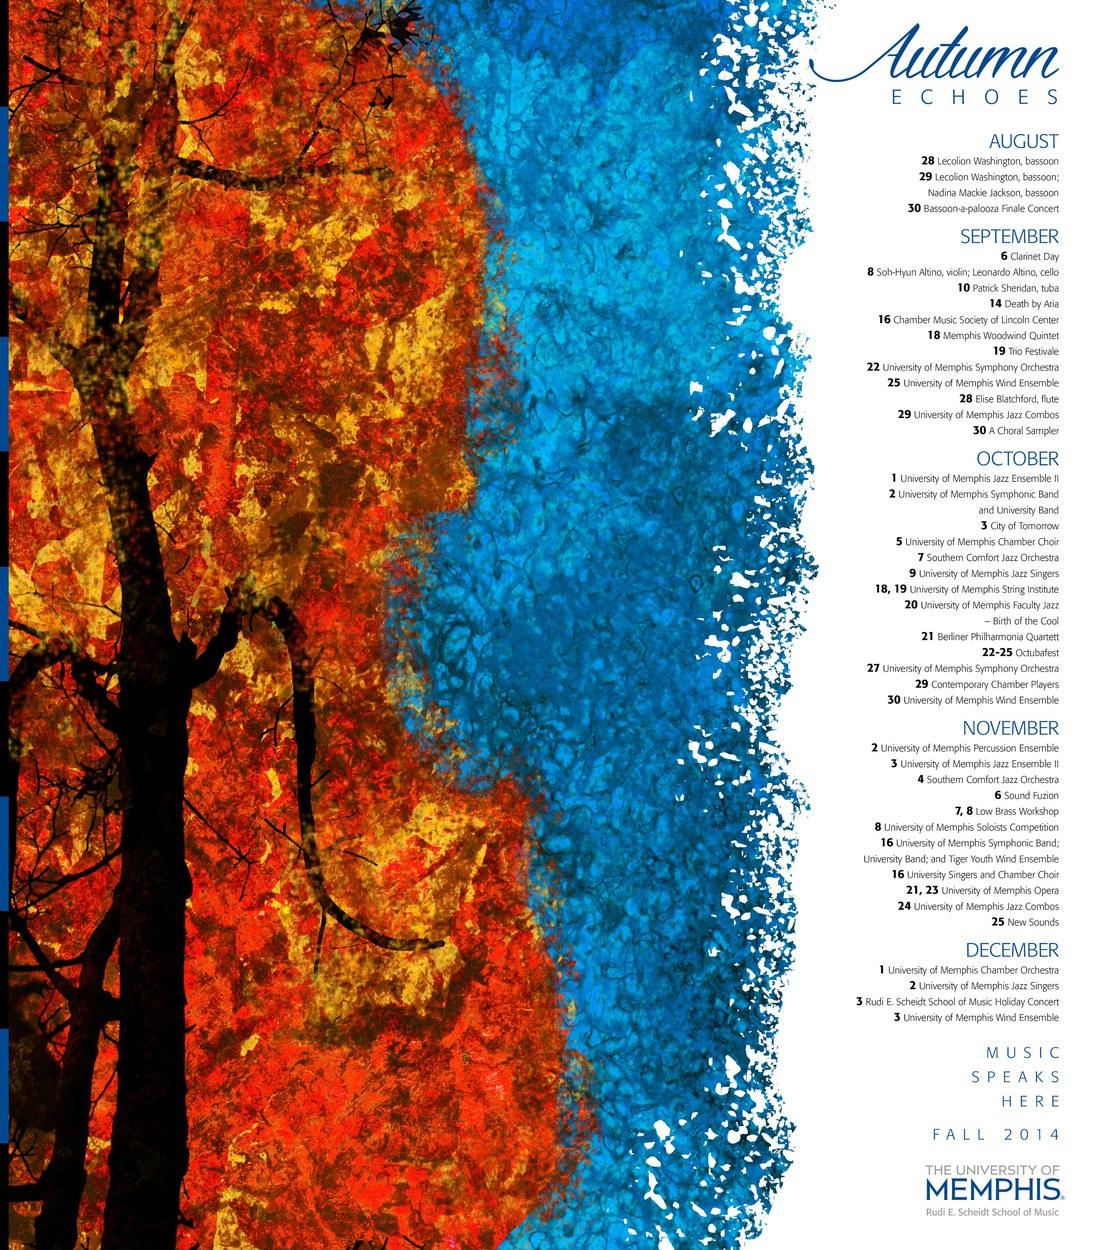 Fall music program poster; original illustration